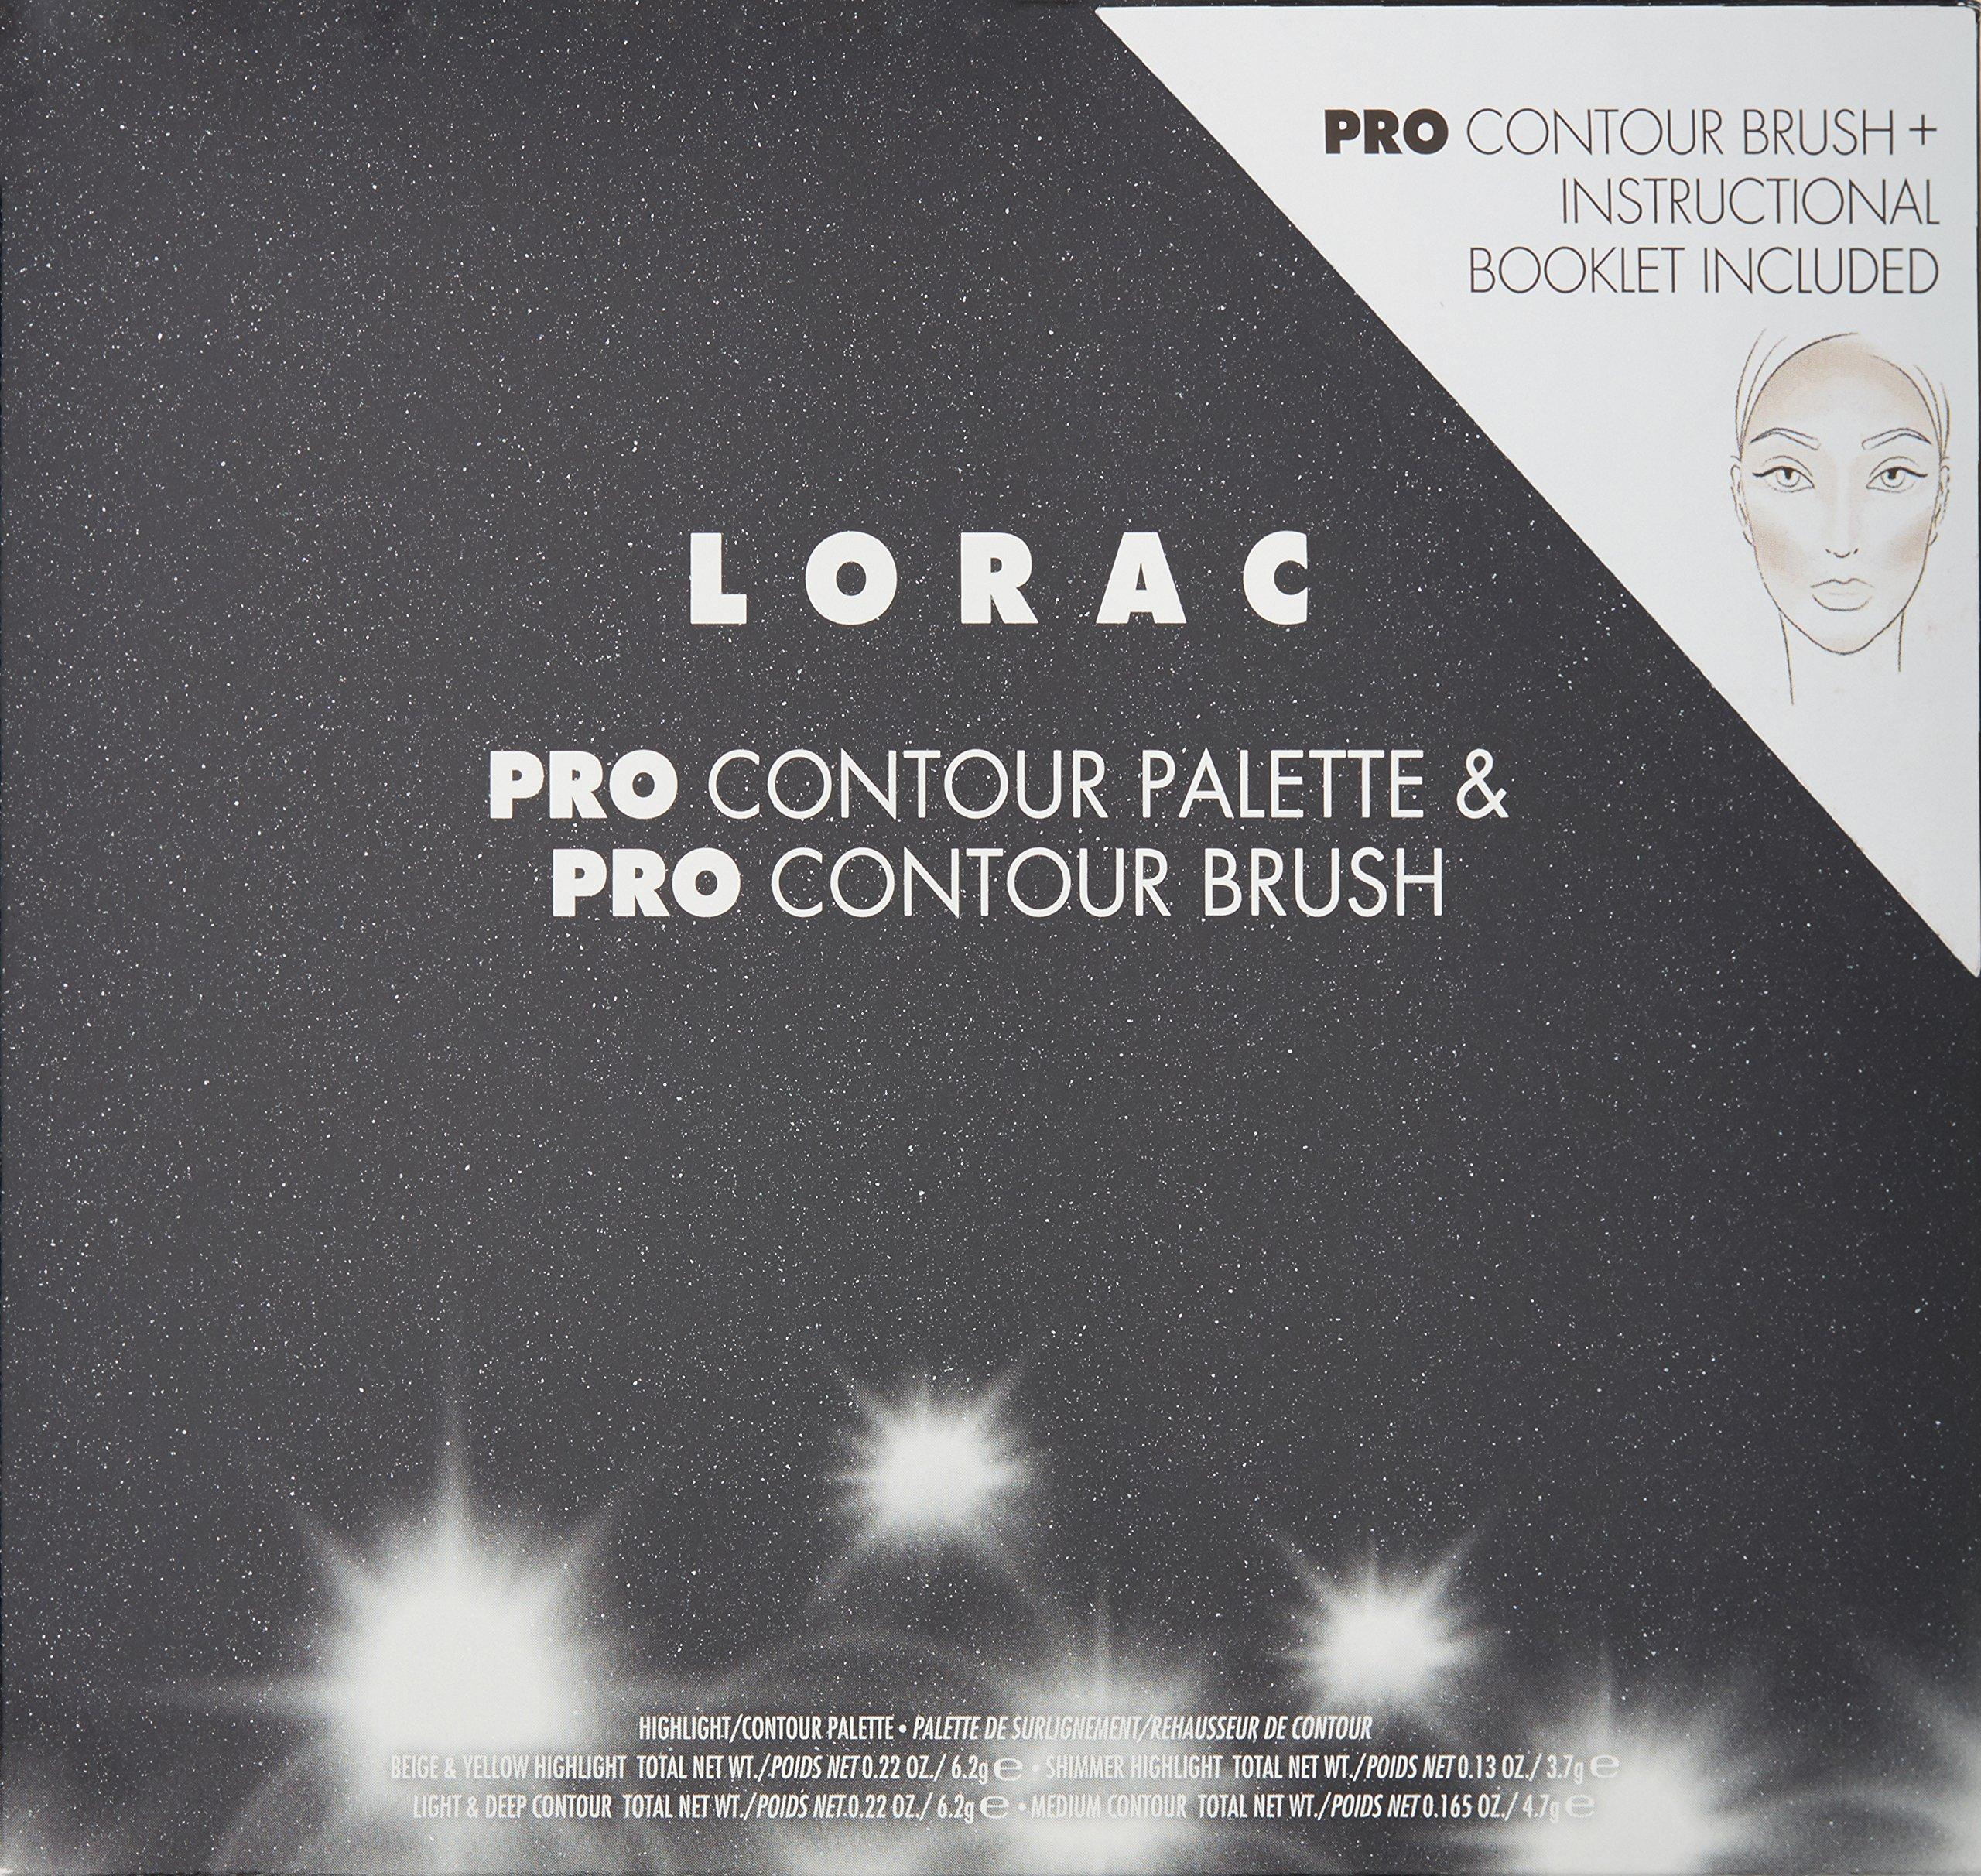 LORAC Pro Contour Palette Plus Contour Brush by LORAC (Image #5)